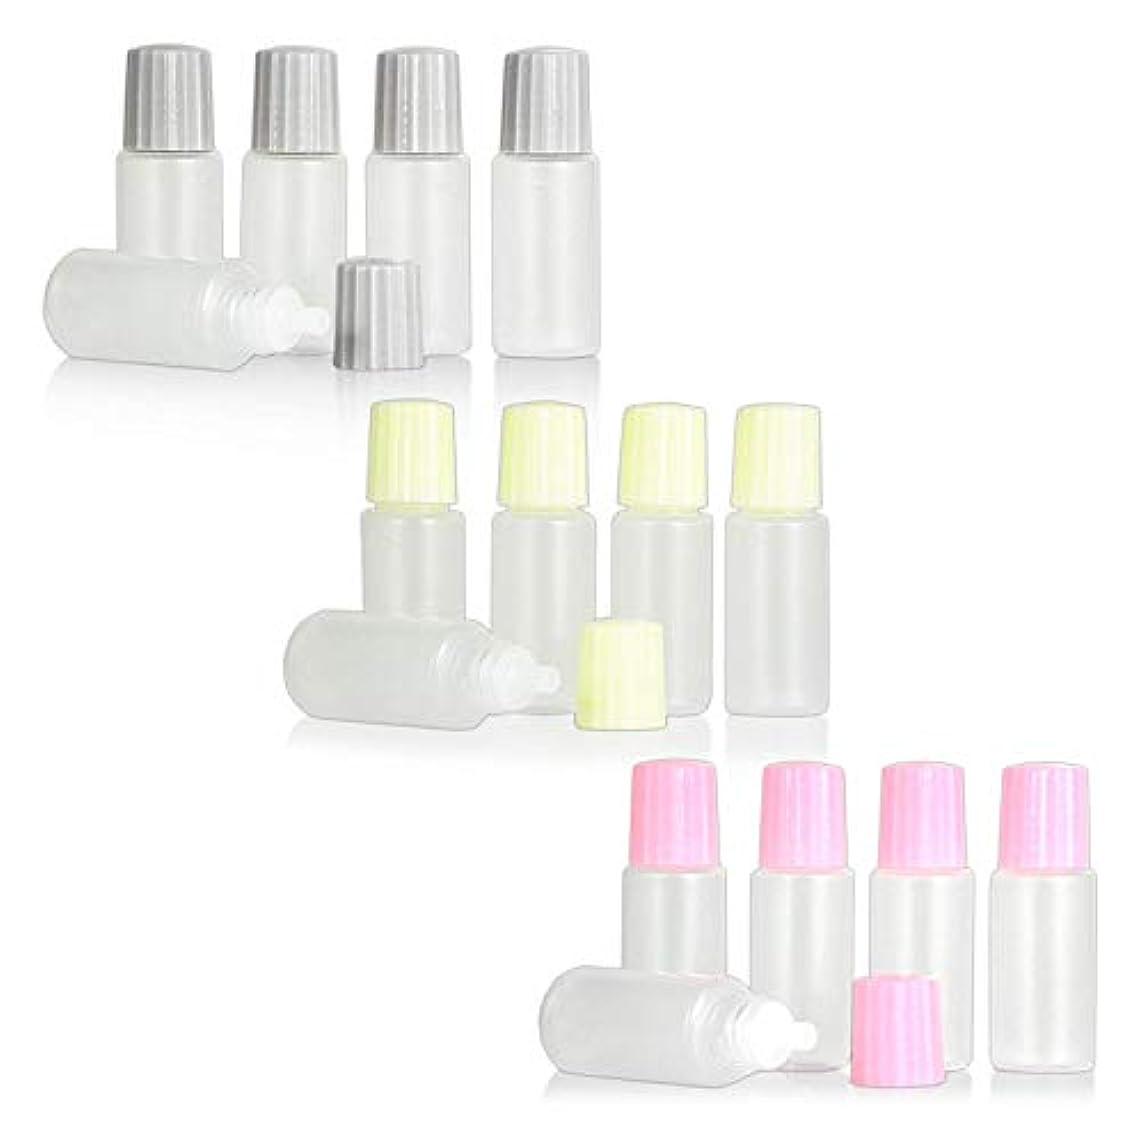 ミネラル特別な膨らみスポイトタイプ点眼容器 10ml 3色キャップ?各5本セット ピンク?クリーム色?グレー